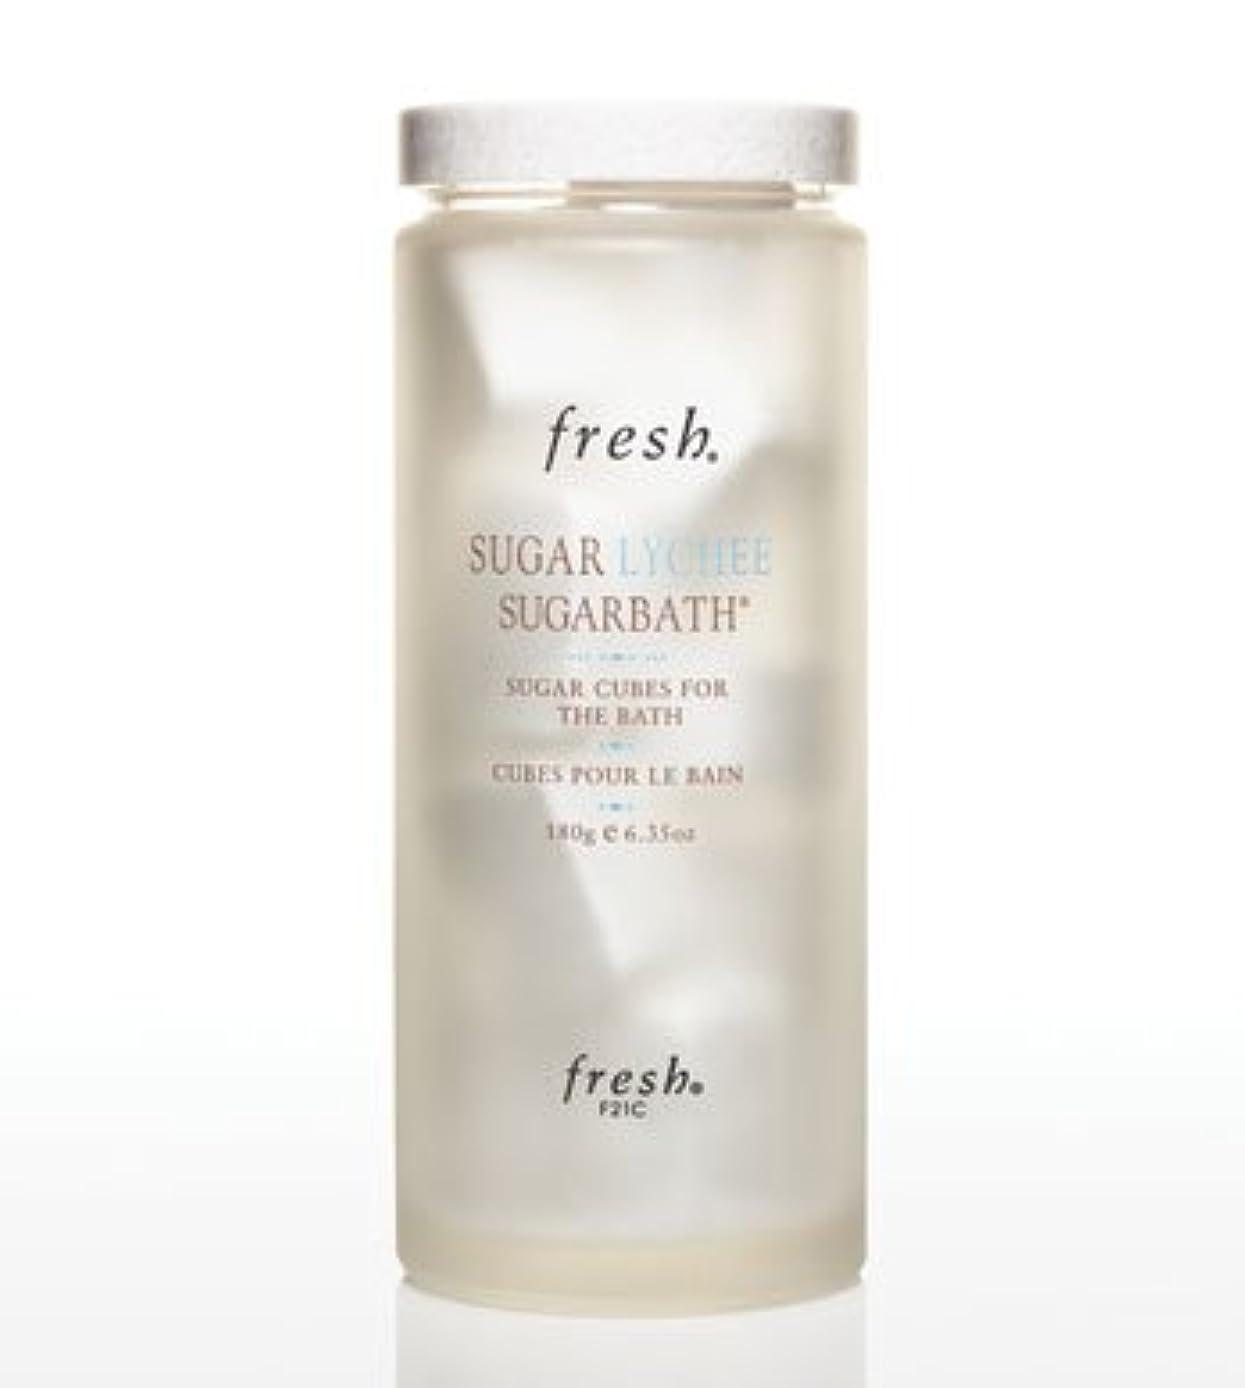 複雑な乳製品おとこFresh SUGAR LYCHEE SUGARBATH CUBES (フレッシュ シュガーライチ シュガーバスキューブ) 6.3 oz (180g) by Fresh for Women